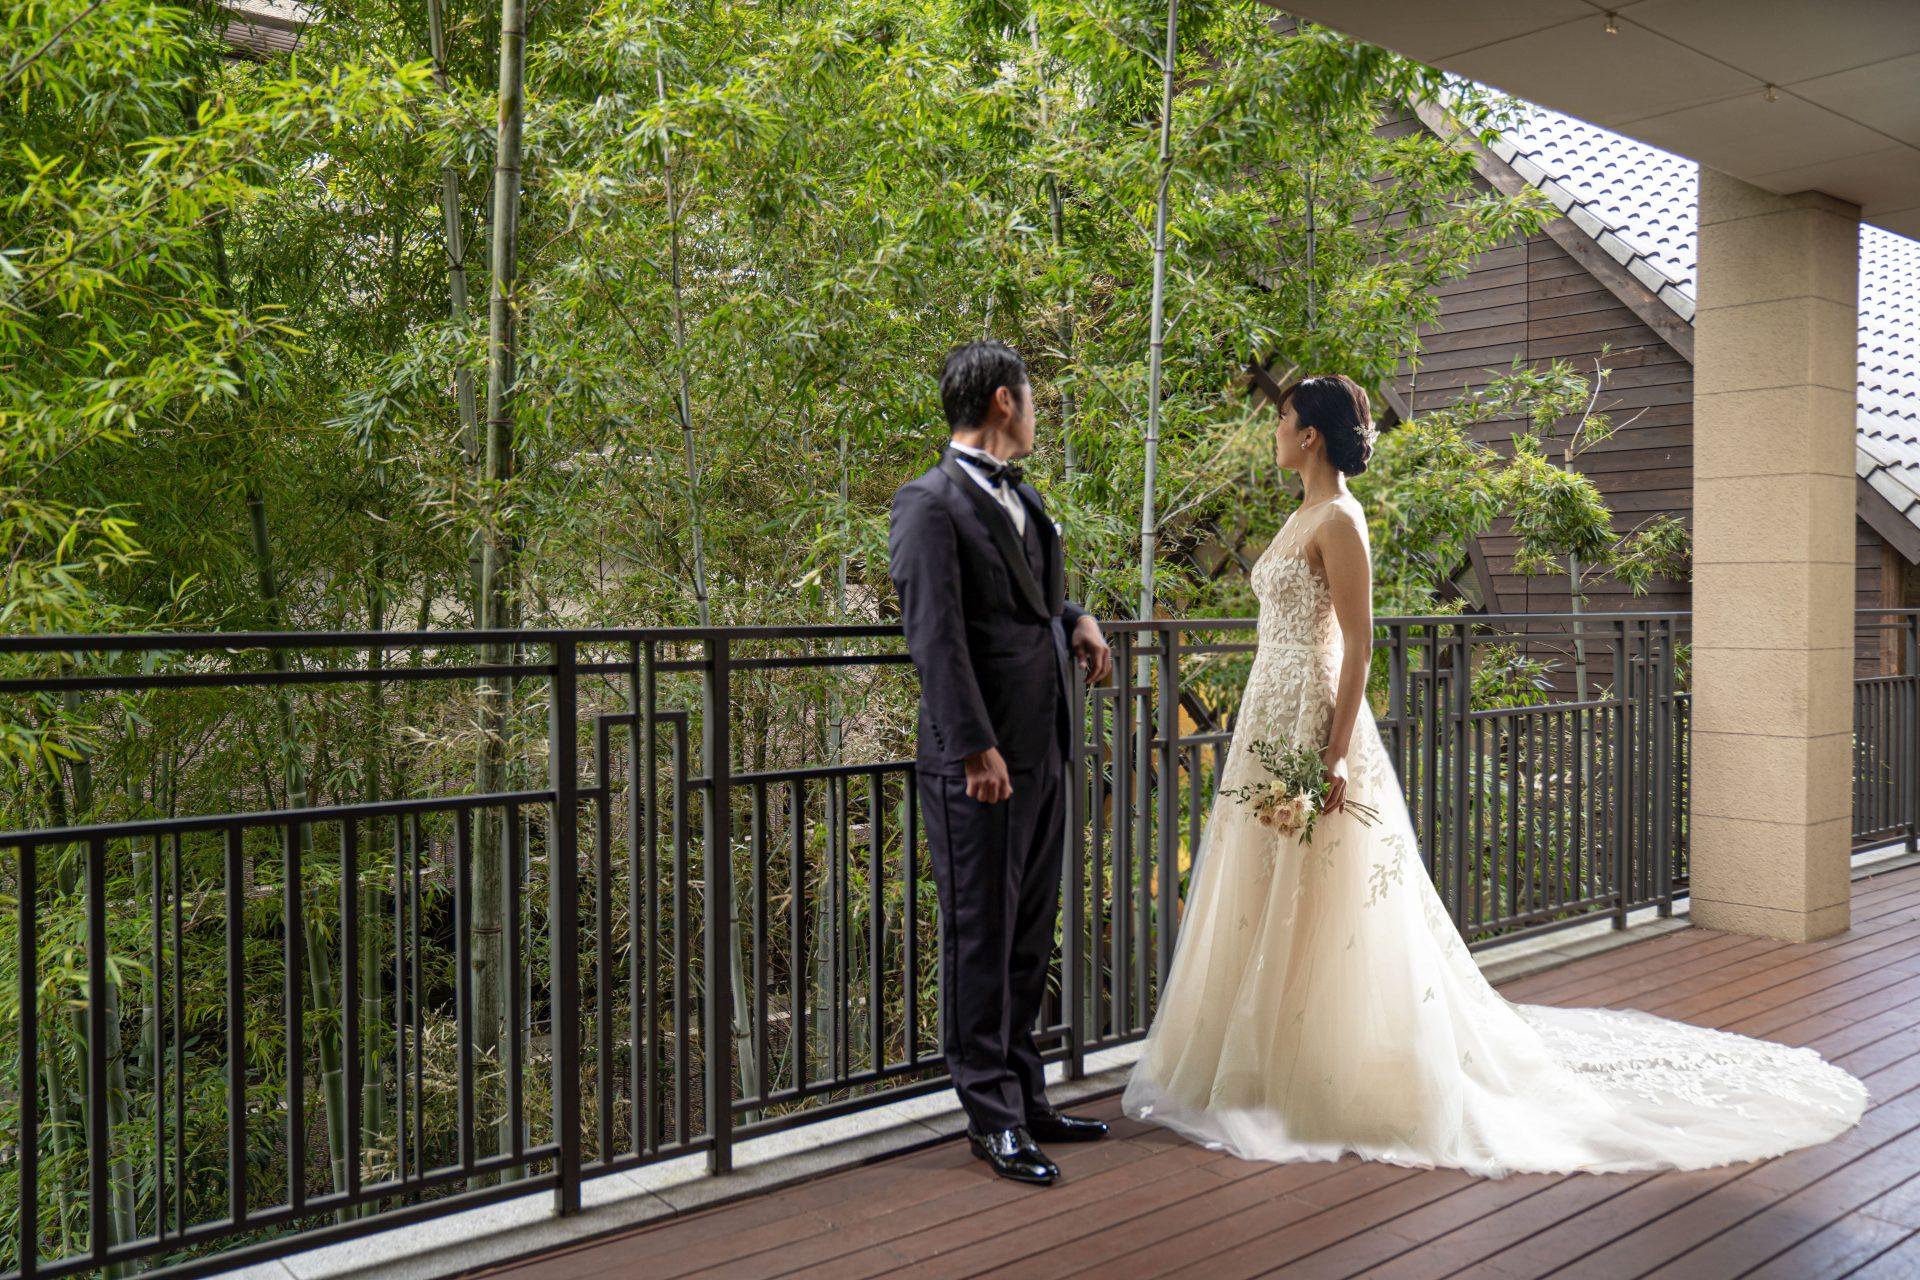 プレ花嫁様におすすめしたいフォーチュンガーデン京都の披露宴会場に隣接するテラスにて前撮りを楽しまれる新郎新婦様